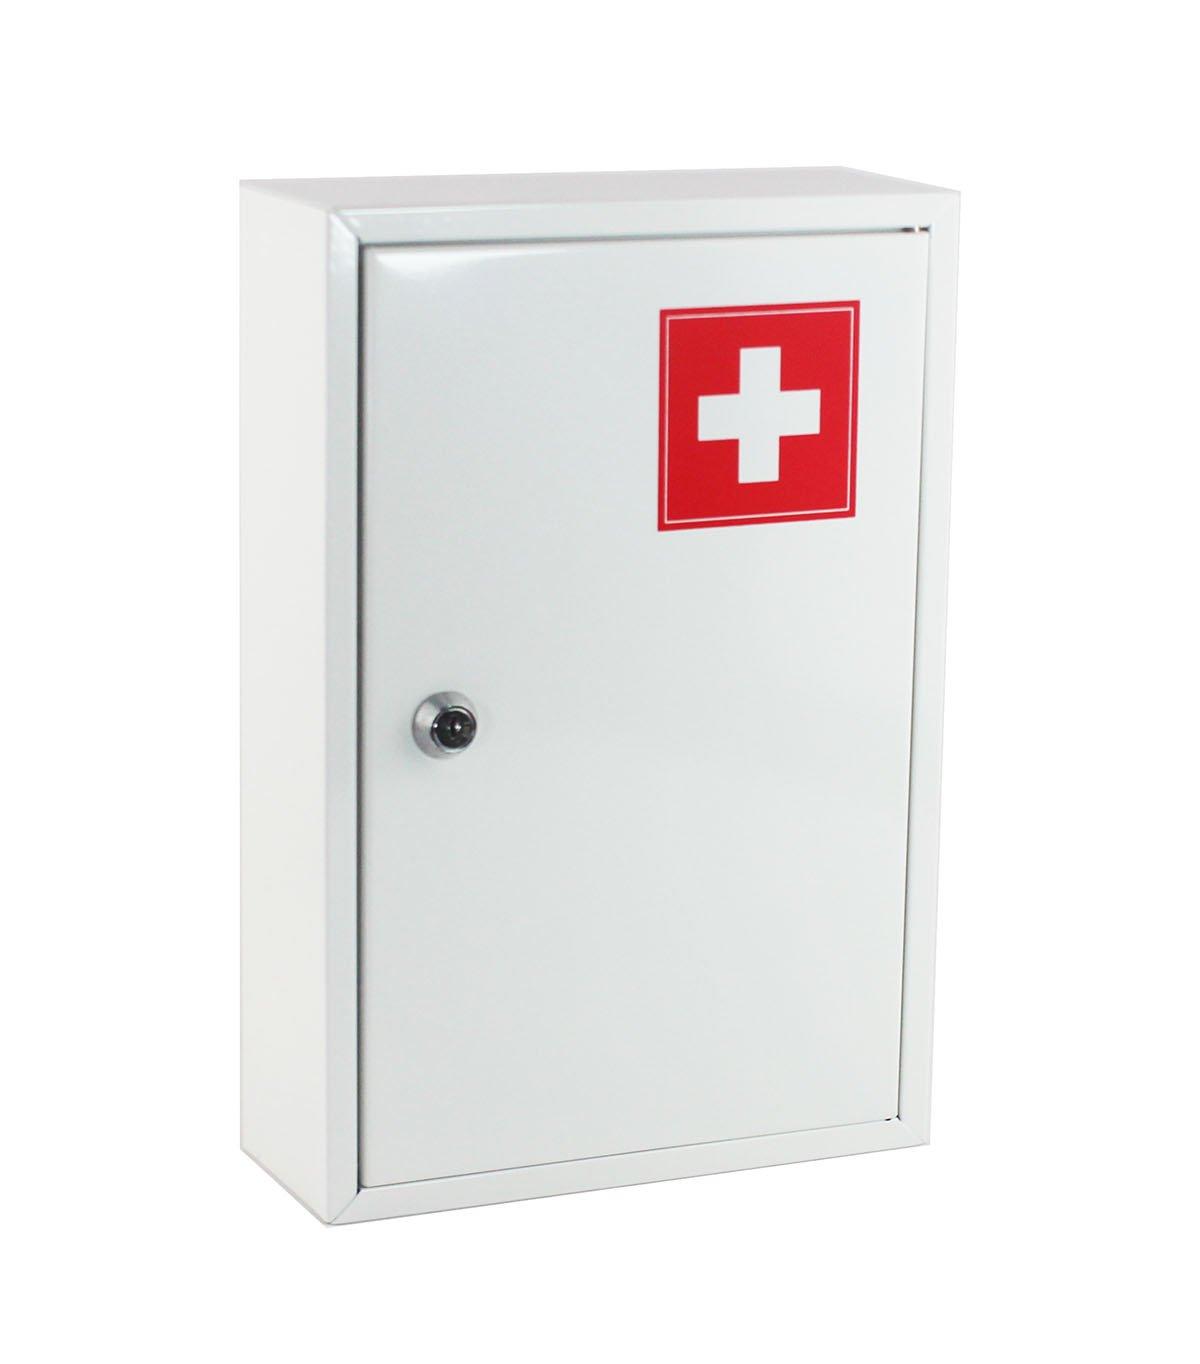 Armadietto per i medicinali / per pronto soccorso, dimensioni: 32x 22x 8,5cm MASMAS